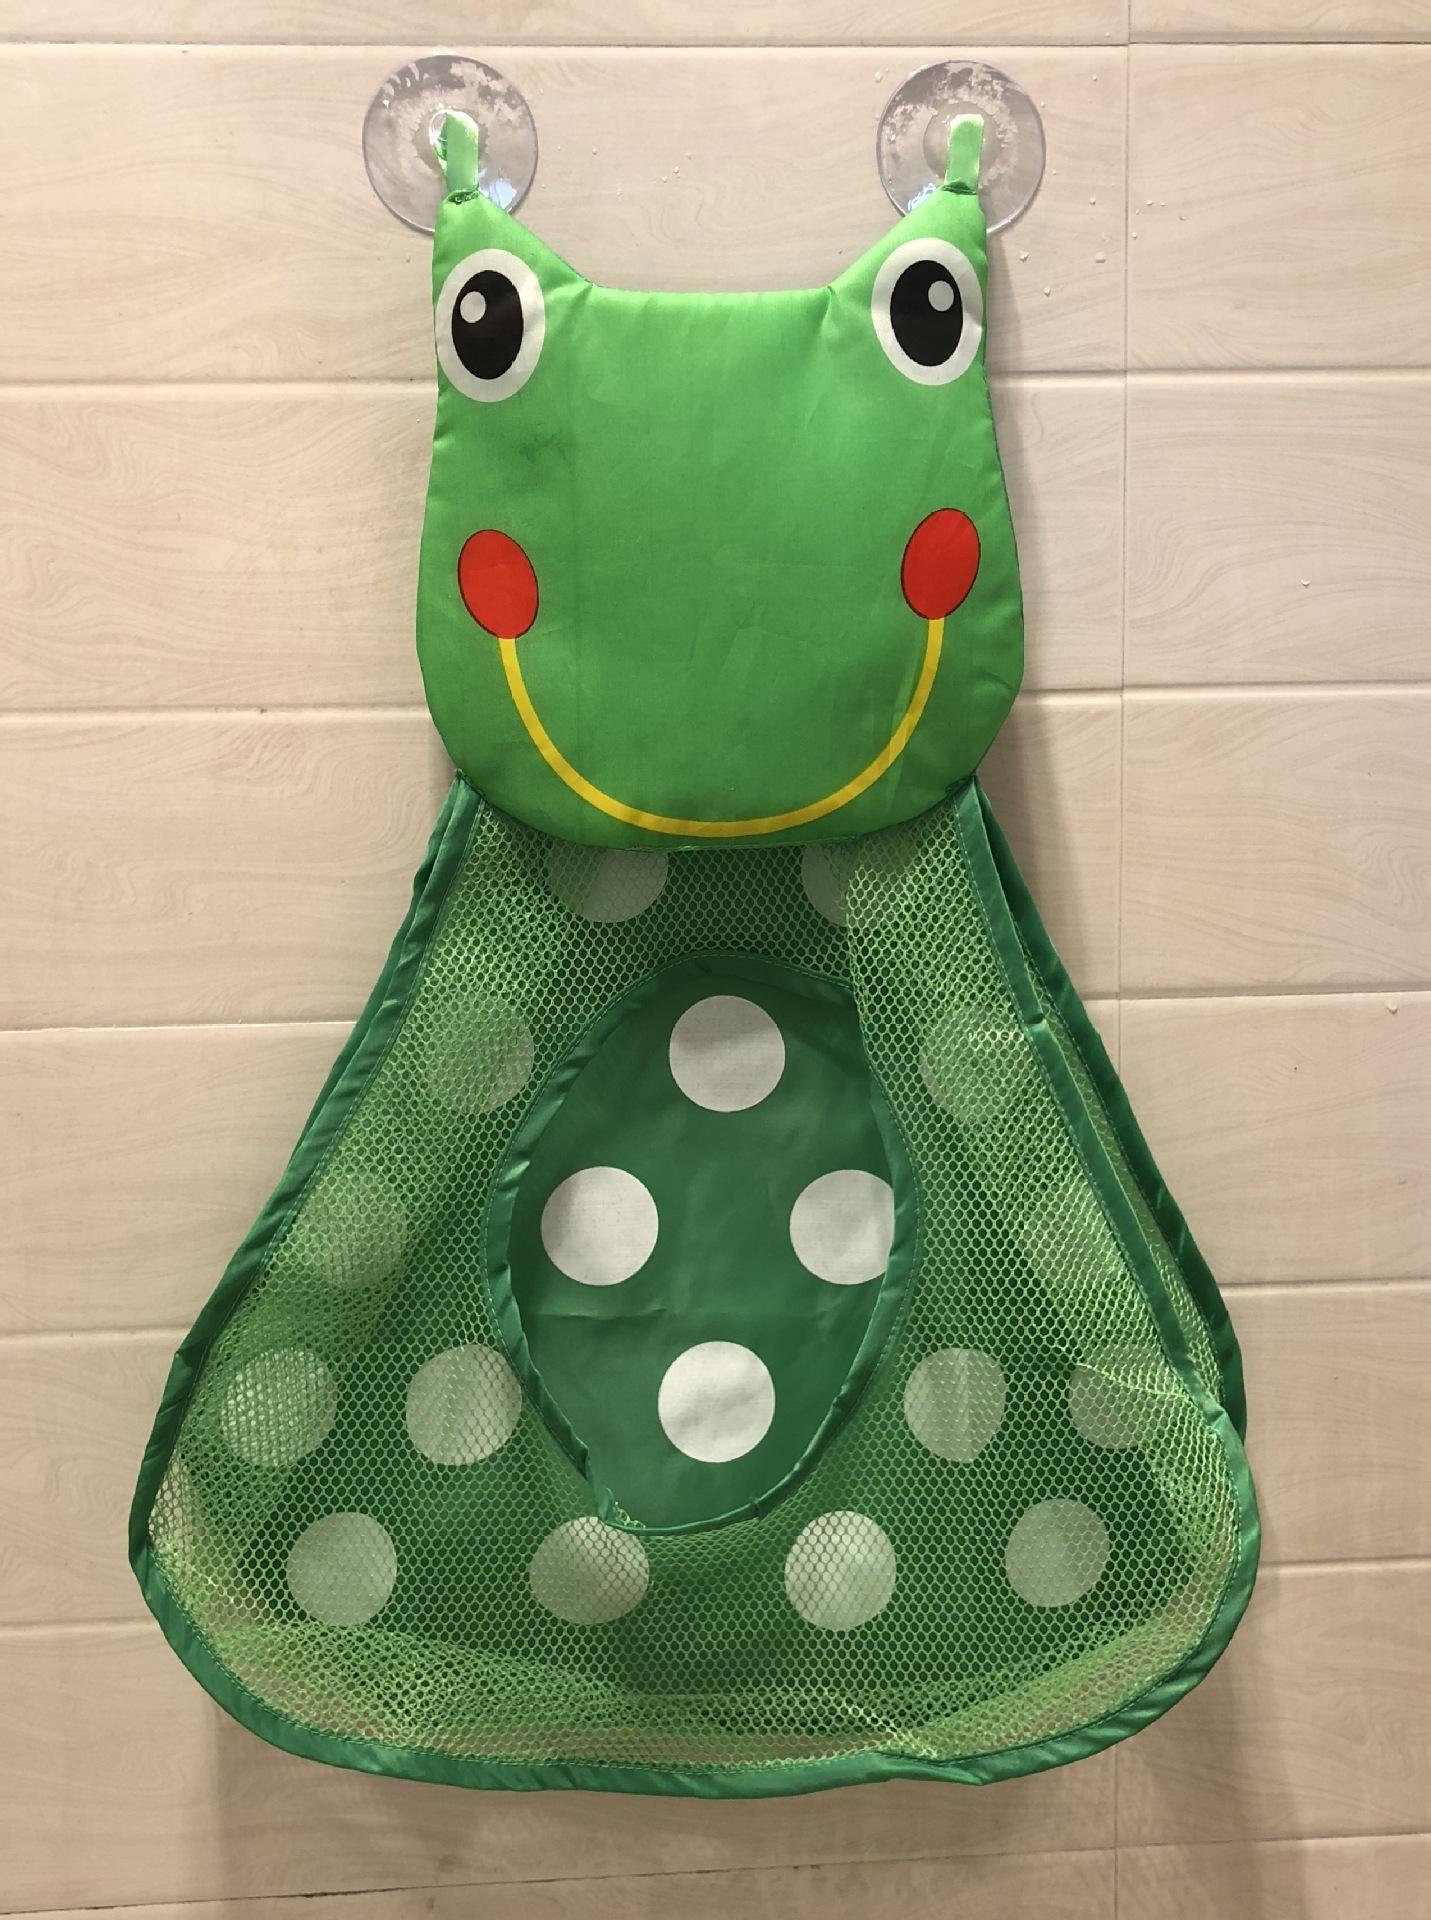 Copo quente do bebê Crianças Banheira Toy Tidy armazenamento de sucção saco de malha de banho Sapo Yellow Duck Forma de sucção Bag Folding Roupa de suspensão de vácuo